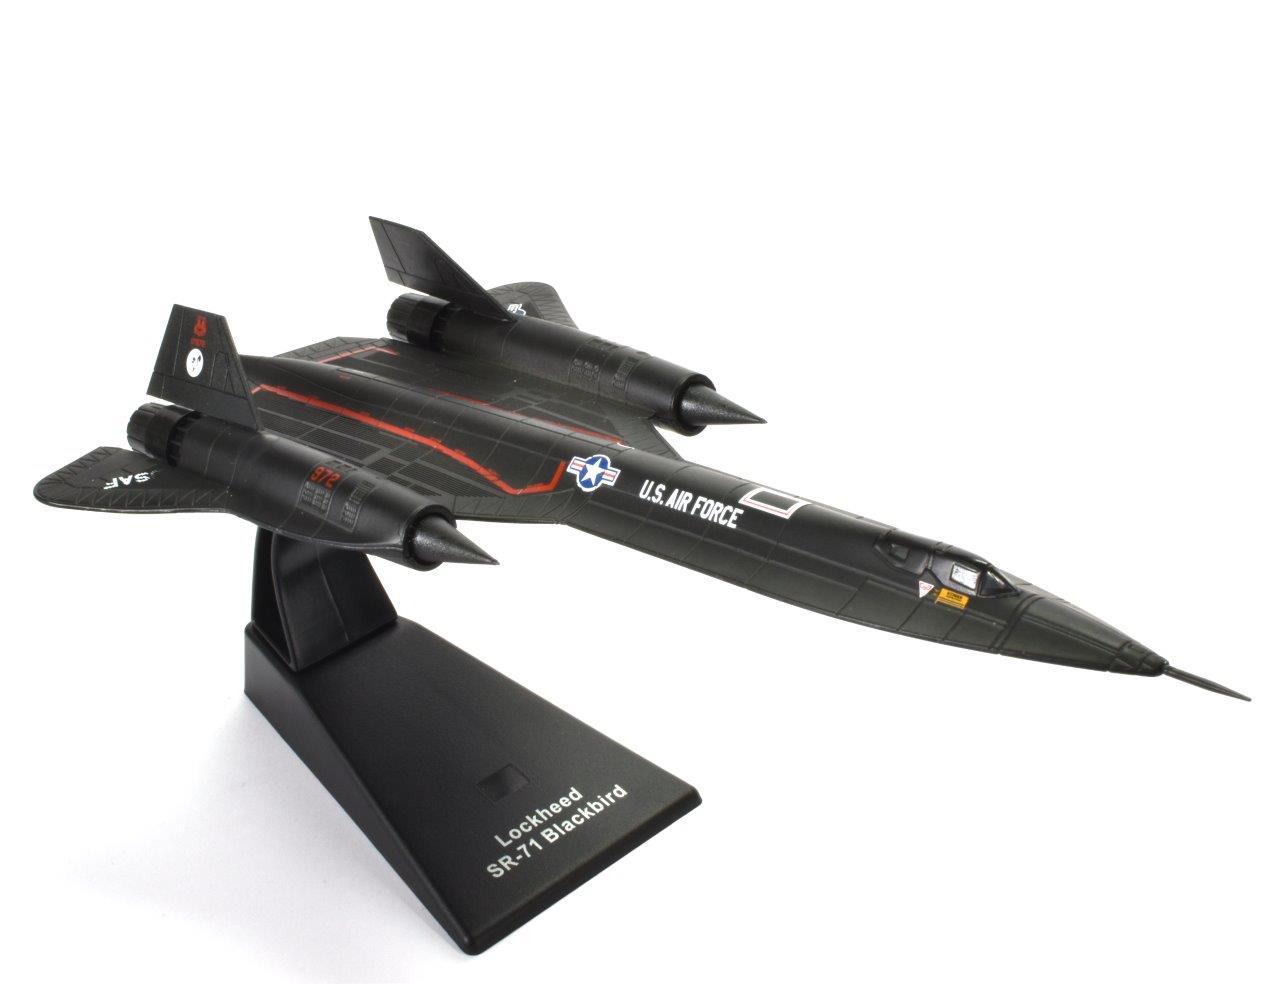 SR-71 BLACKBIRD 1:144 -Эра Самолетов - АТЛАС доставка товаров из Польши и Allegro на русском